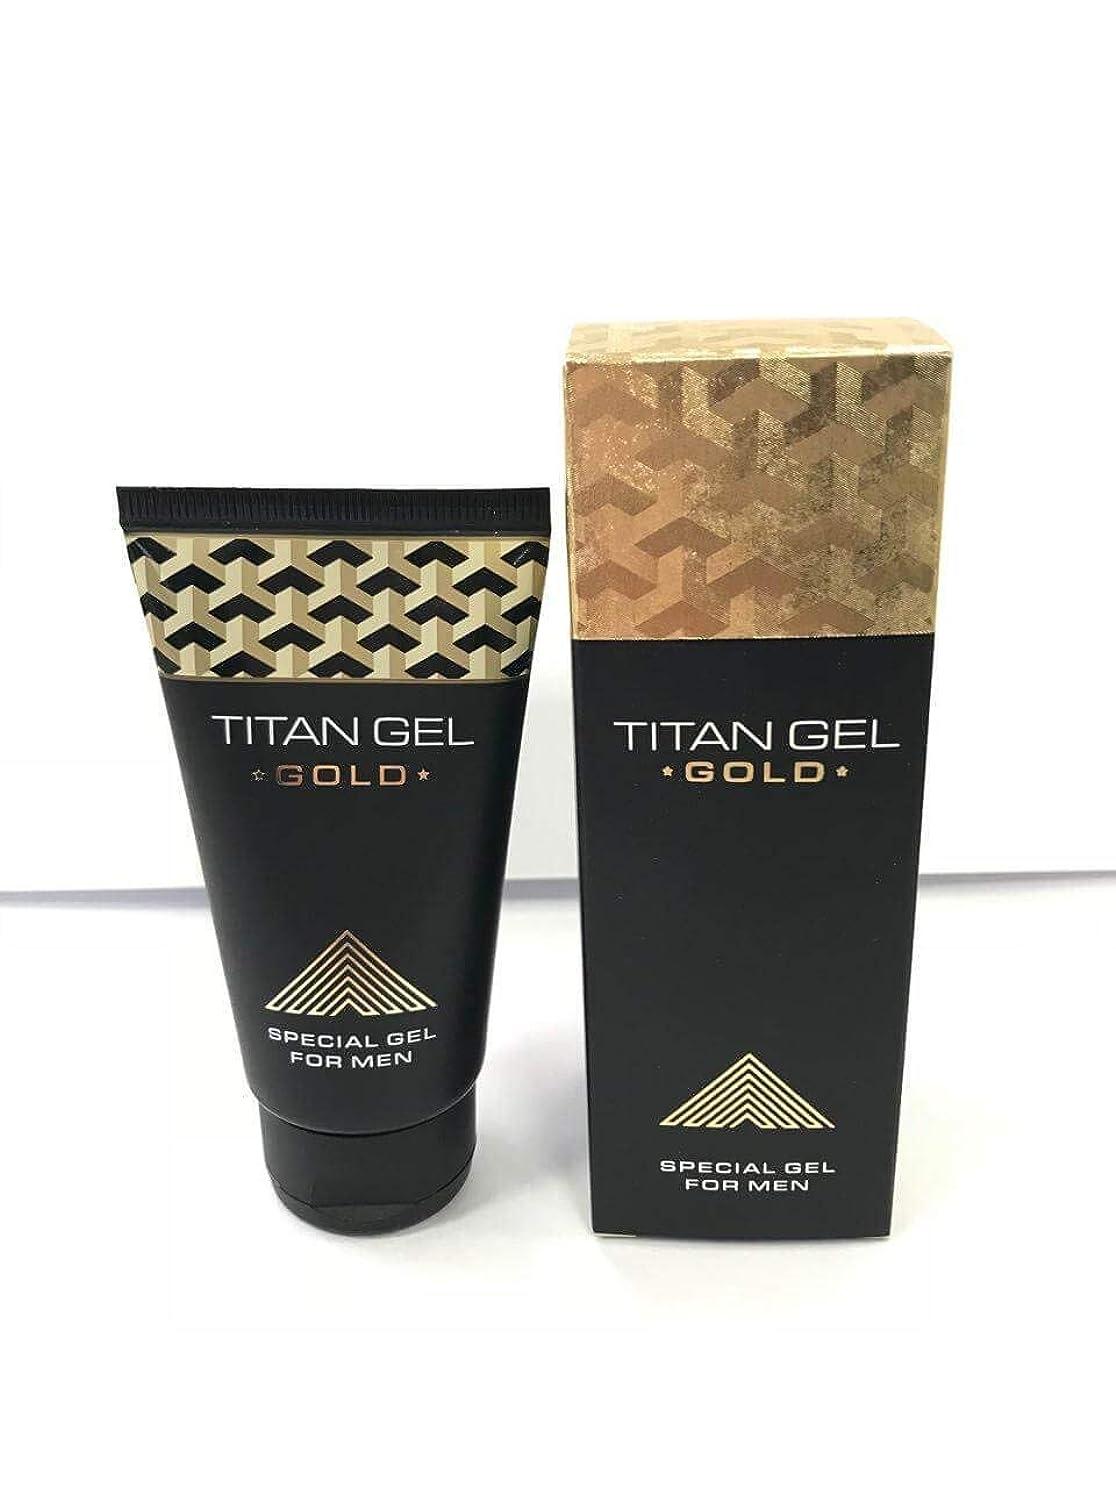 タイタンジェル ゴールド Titan gel Gold 50ml 3箱セット 日本語説明付き [並行輸入品]